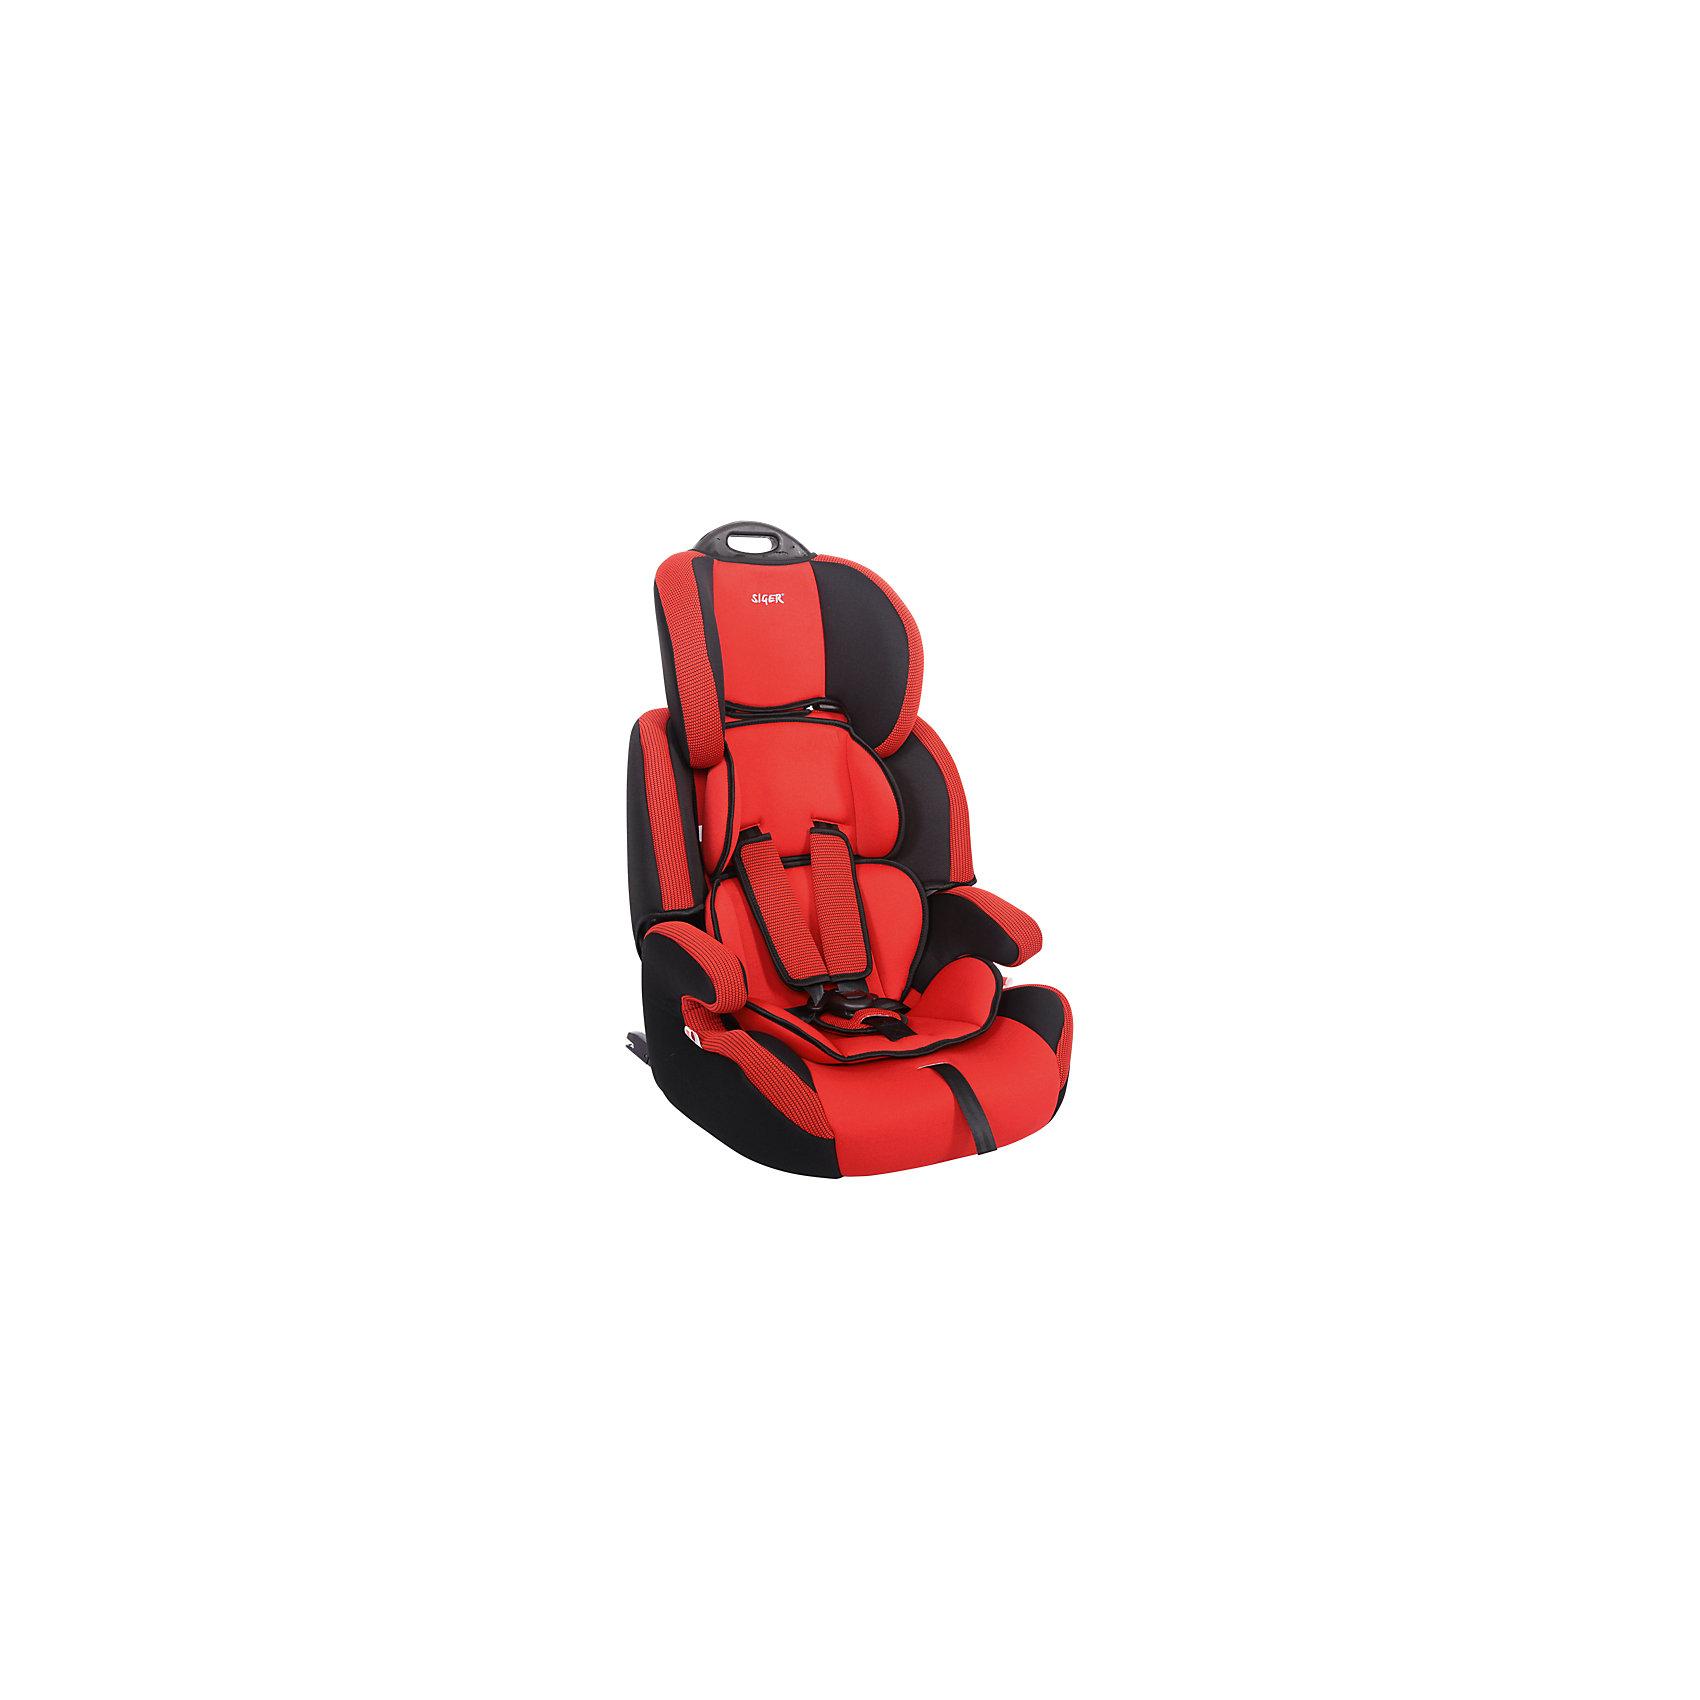 Автокресло Siger Стар Isofix 9-36 кг, красныйГруппа 1-2-3 (От 9 до 36 кг)<br>Характеристики:<br><br>• группа: 1/2/3;<br>• вес ребенка: 9-36 кг;<br>• возраст ребенка: от 1 года до 12 лет;<br>• способ крепления: Isofix;<br>• способ установки: по ходу движения автомобиля;<br>• 5-ти точечные ремни безопасности, регулируются по длине и высоте;<br>• ручка для переноски автокресла;<br>• анатомическая форма кресла;<br>• регулируемый по высоте подголовник;<br>• усиленная защита от боковых ударов;<br>• чехол снимается и стирается при температуре 30 градусов;<br>• материал: пластик, полиэстер;<br>• размер автокресла: 60х50х70 см;<br>• вес автокресла: 6,8 кг.<br><br>Автокресло группы 1-2-3 предназначено для детей в возрасте от года до 12 лет. Автокресло устанавливается на заднем сидении автомобиля лицом по ходу движения автомобиля, крепится с помощью системы Изофикс. Кресло универсальное: и годовалому крохе будет уютно в кресле, и подросток будет чувствовать себя комфортно – благодаря анатомической форме кресельной чаши, мягким подлокотникам, широким боковинам, регулируемому подголовнику, вкладышу для малышей. <br><br>Автокресло Стар Isofix 9-36 кг., SIGER, цвет красный можно купить в нашем интернет-магазине.<br><br>Ширина мм: 500<br>Глубина мм: 470<br>Высота мм: 730<br>Вес г: 6500<br>Возраст от месяцев: 12<br>Возраст до месяцев: 144<br>Пол: Унисекс<br>Возраст: Детский<br>SKU: 5409373